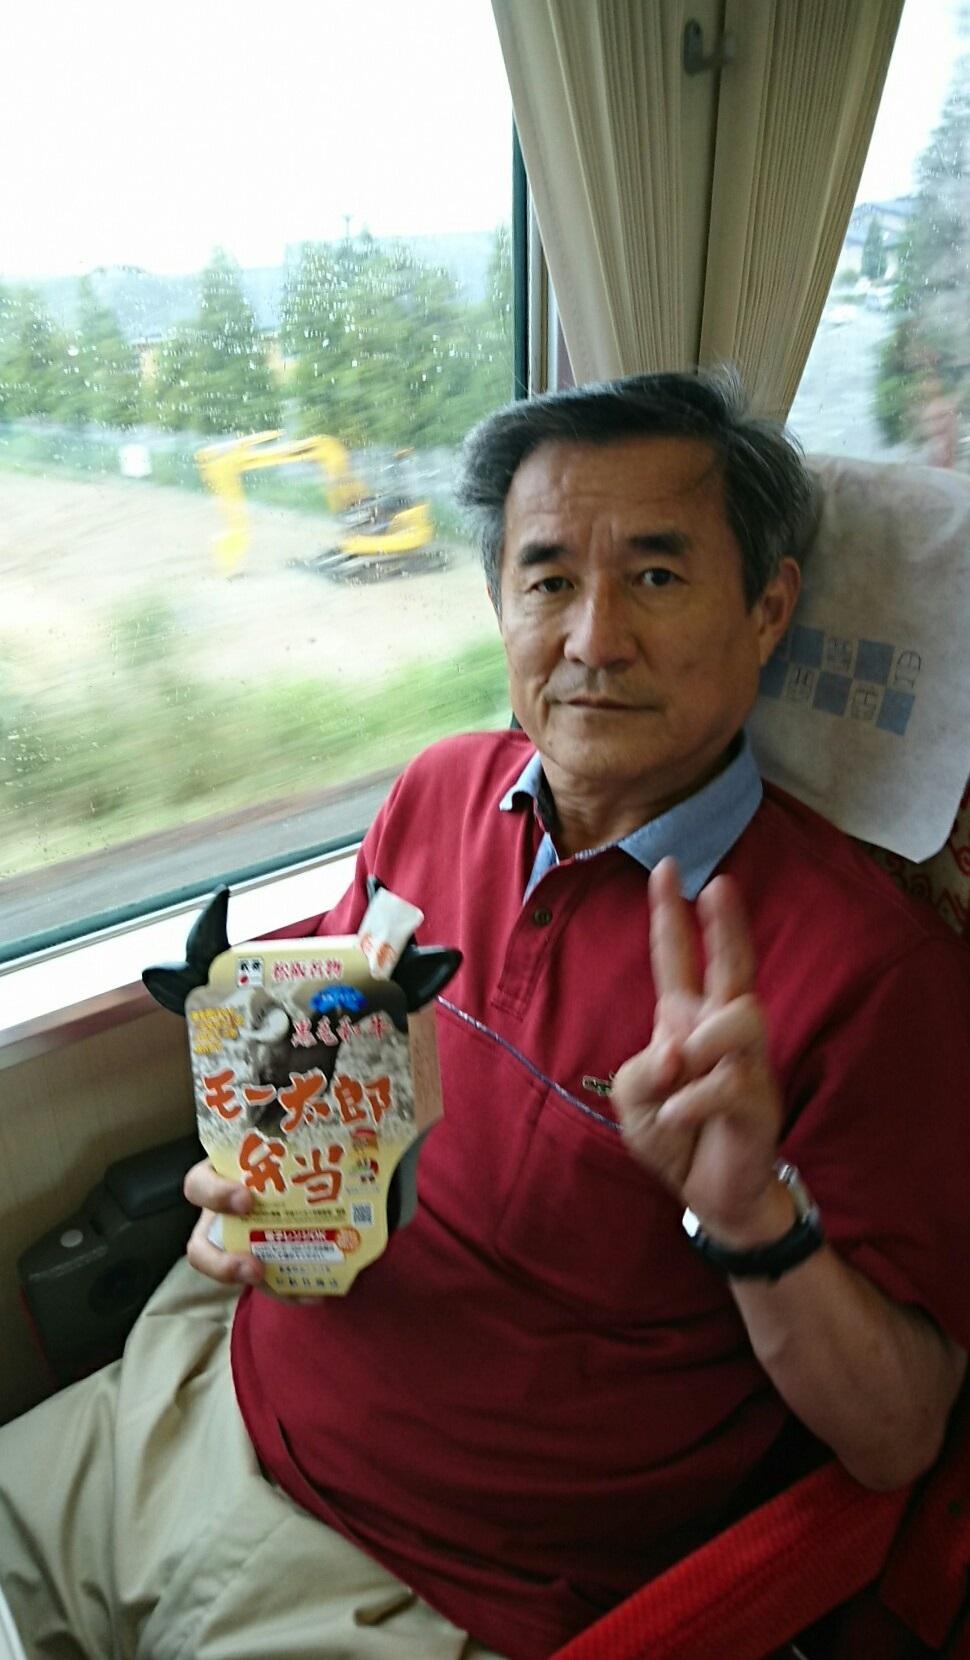 2019.6.2 (10027) 名古屋いき特急 - モー太郎弁当 970-1660